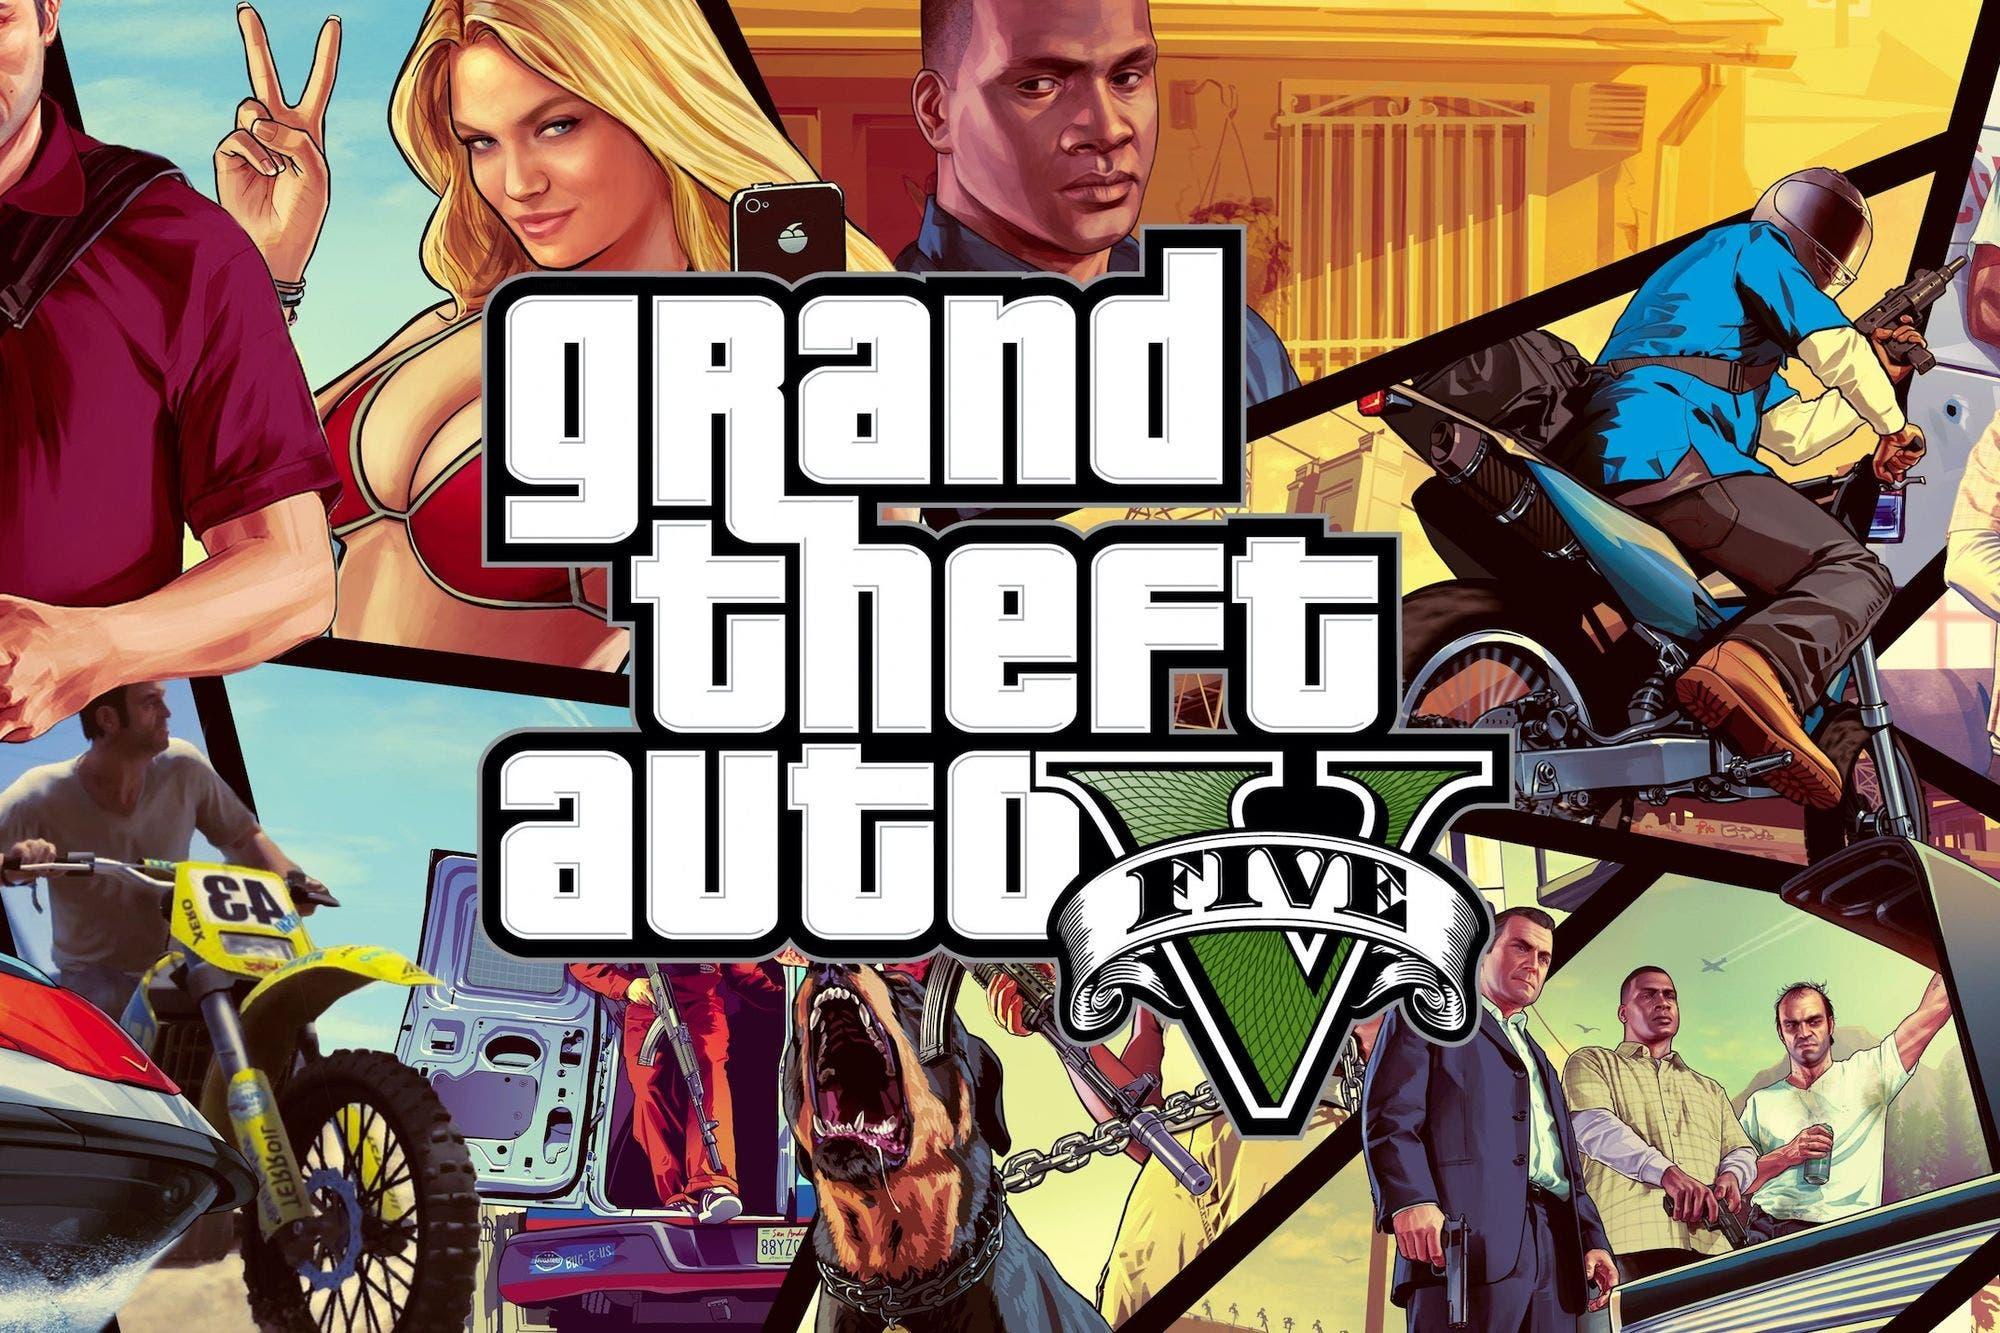 GTA V gratis: Epic Games anunció que regala el juego y puso a Internet patas para arriba